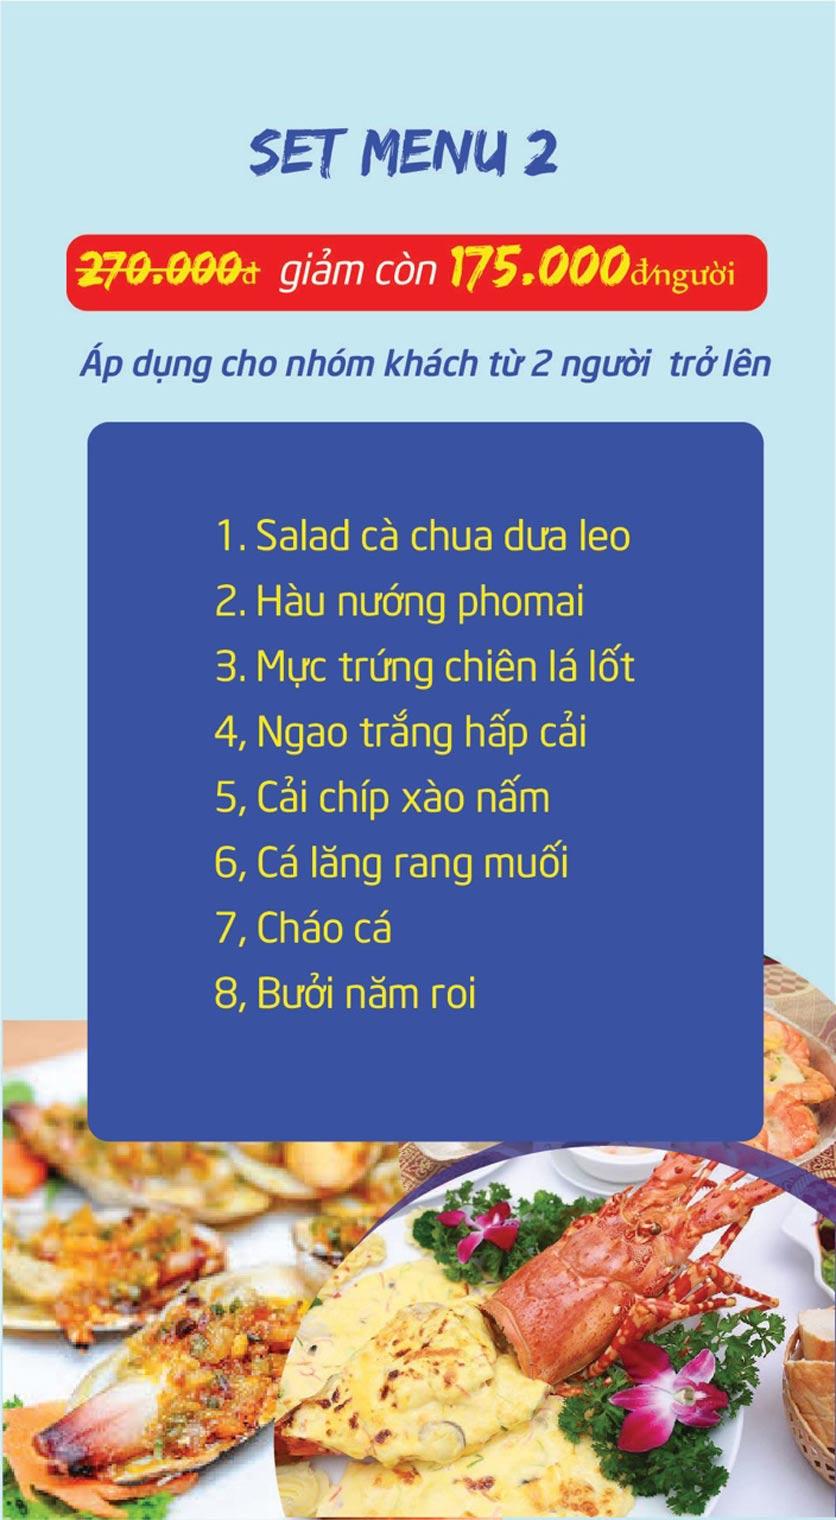 Menu Chợ Hải Sản Thiên Phú - KĐT Văn Phú 9